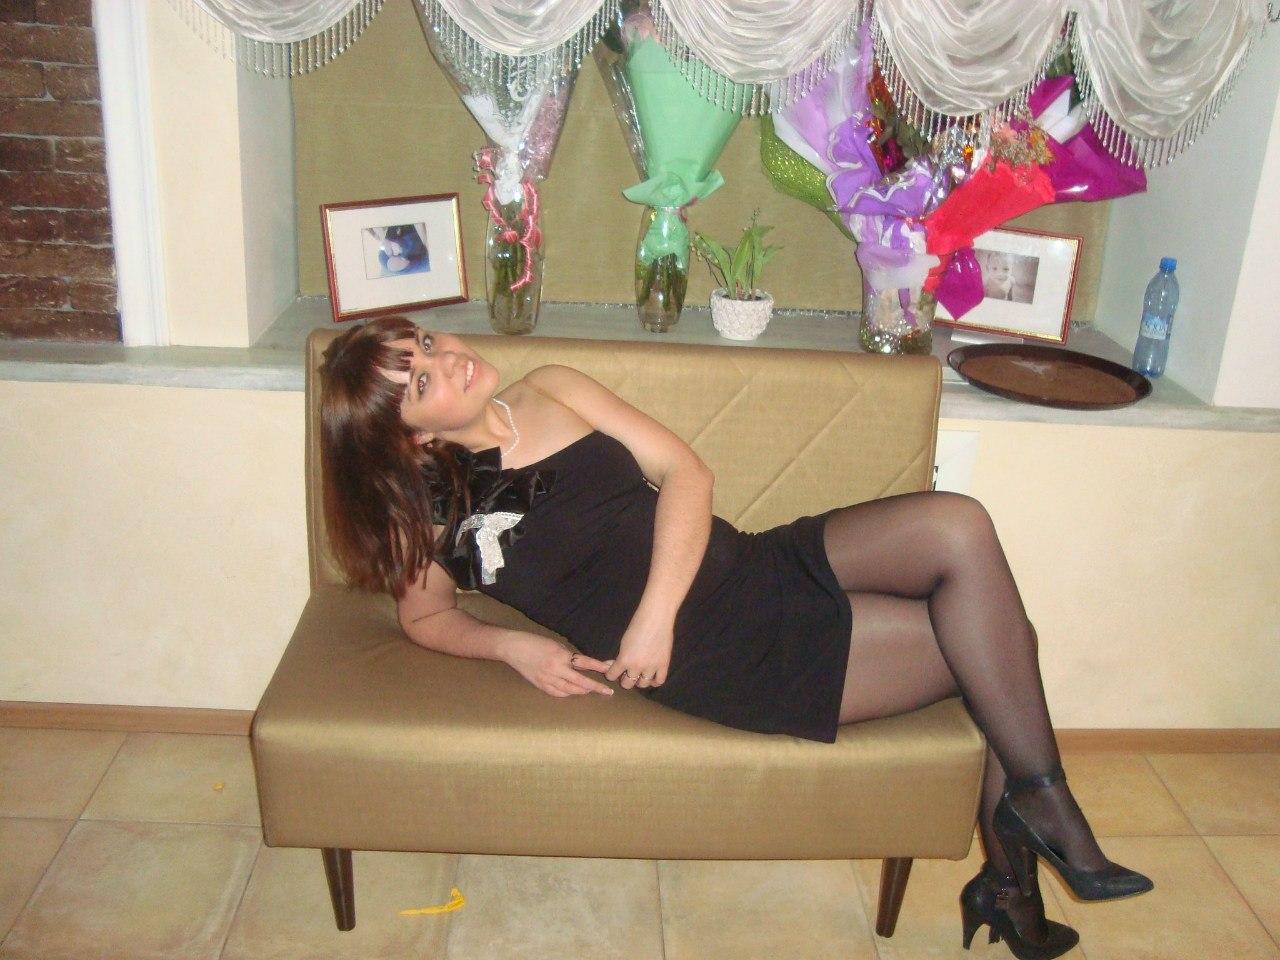 Девушка с белоснежной улыбкой полулежит на диване в длинном черном платье